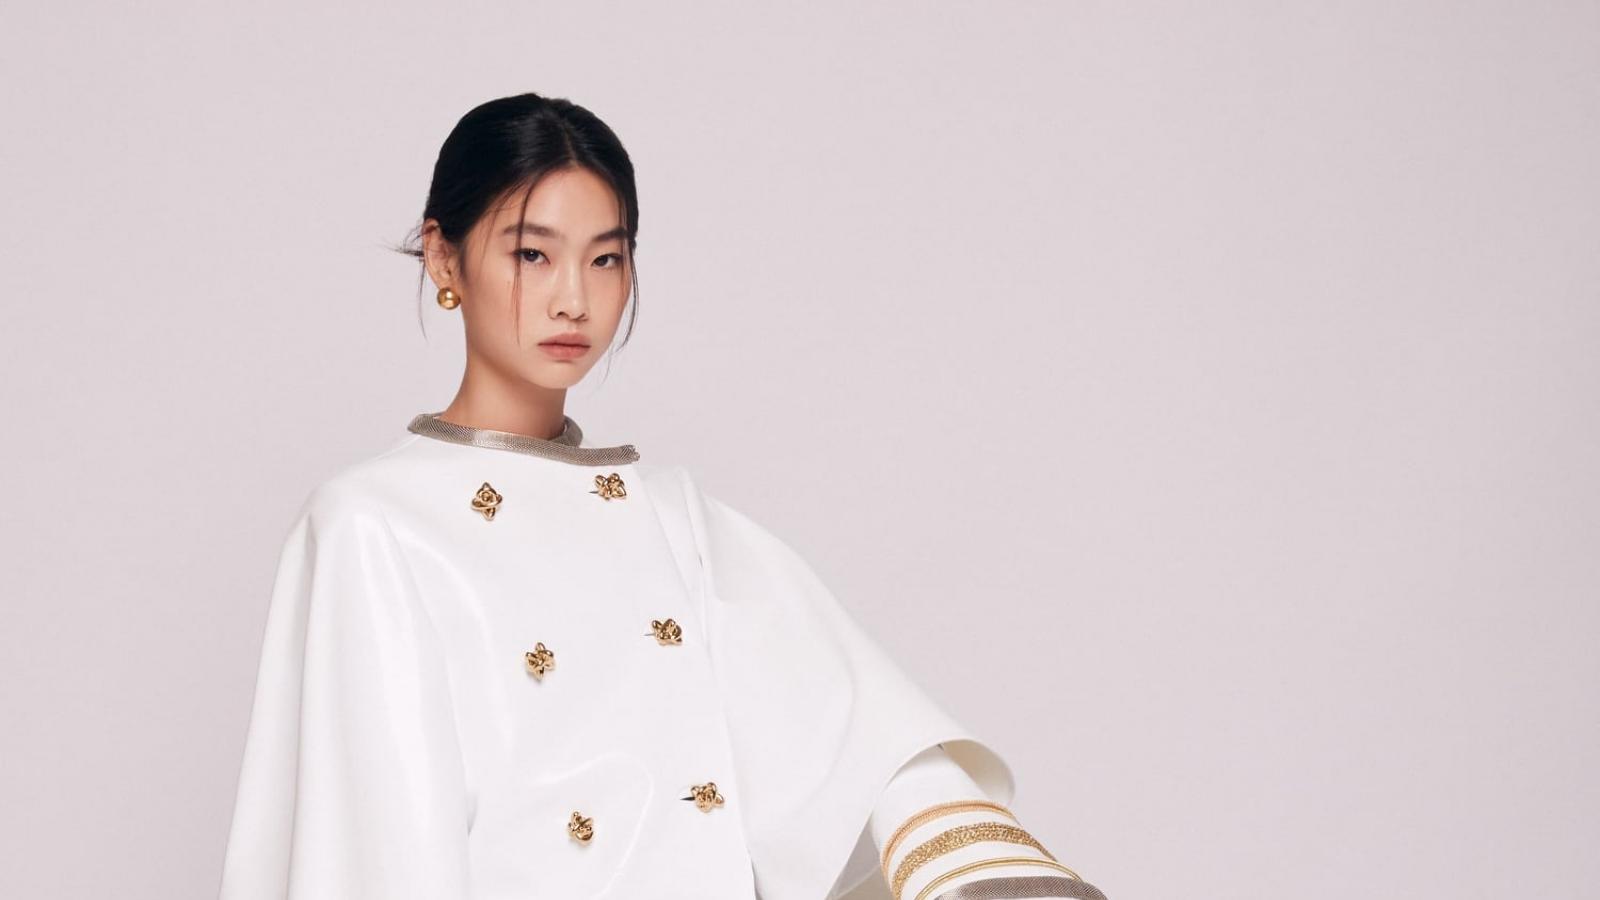 """Hậu """"Squid game"""", Jung Ho Yeon được bổ nhiệm làm Đại sứ toàn cầu của Louis Vuitton"""